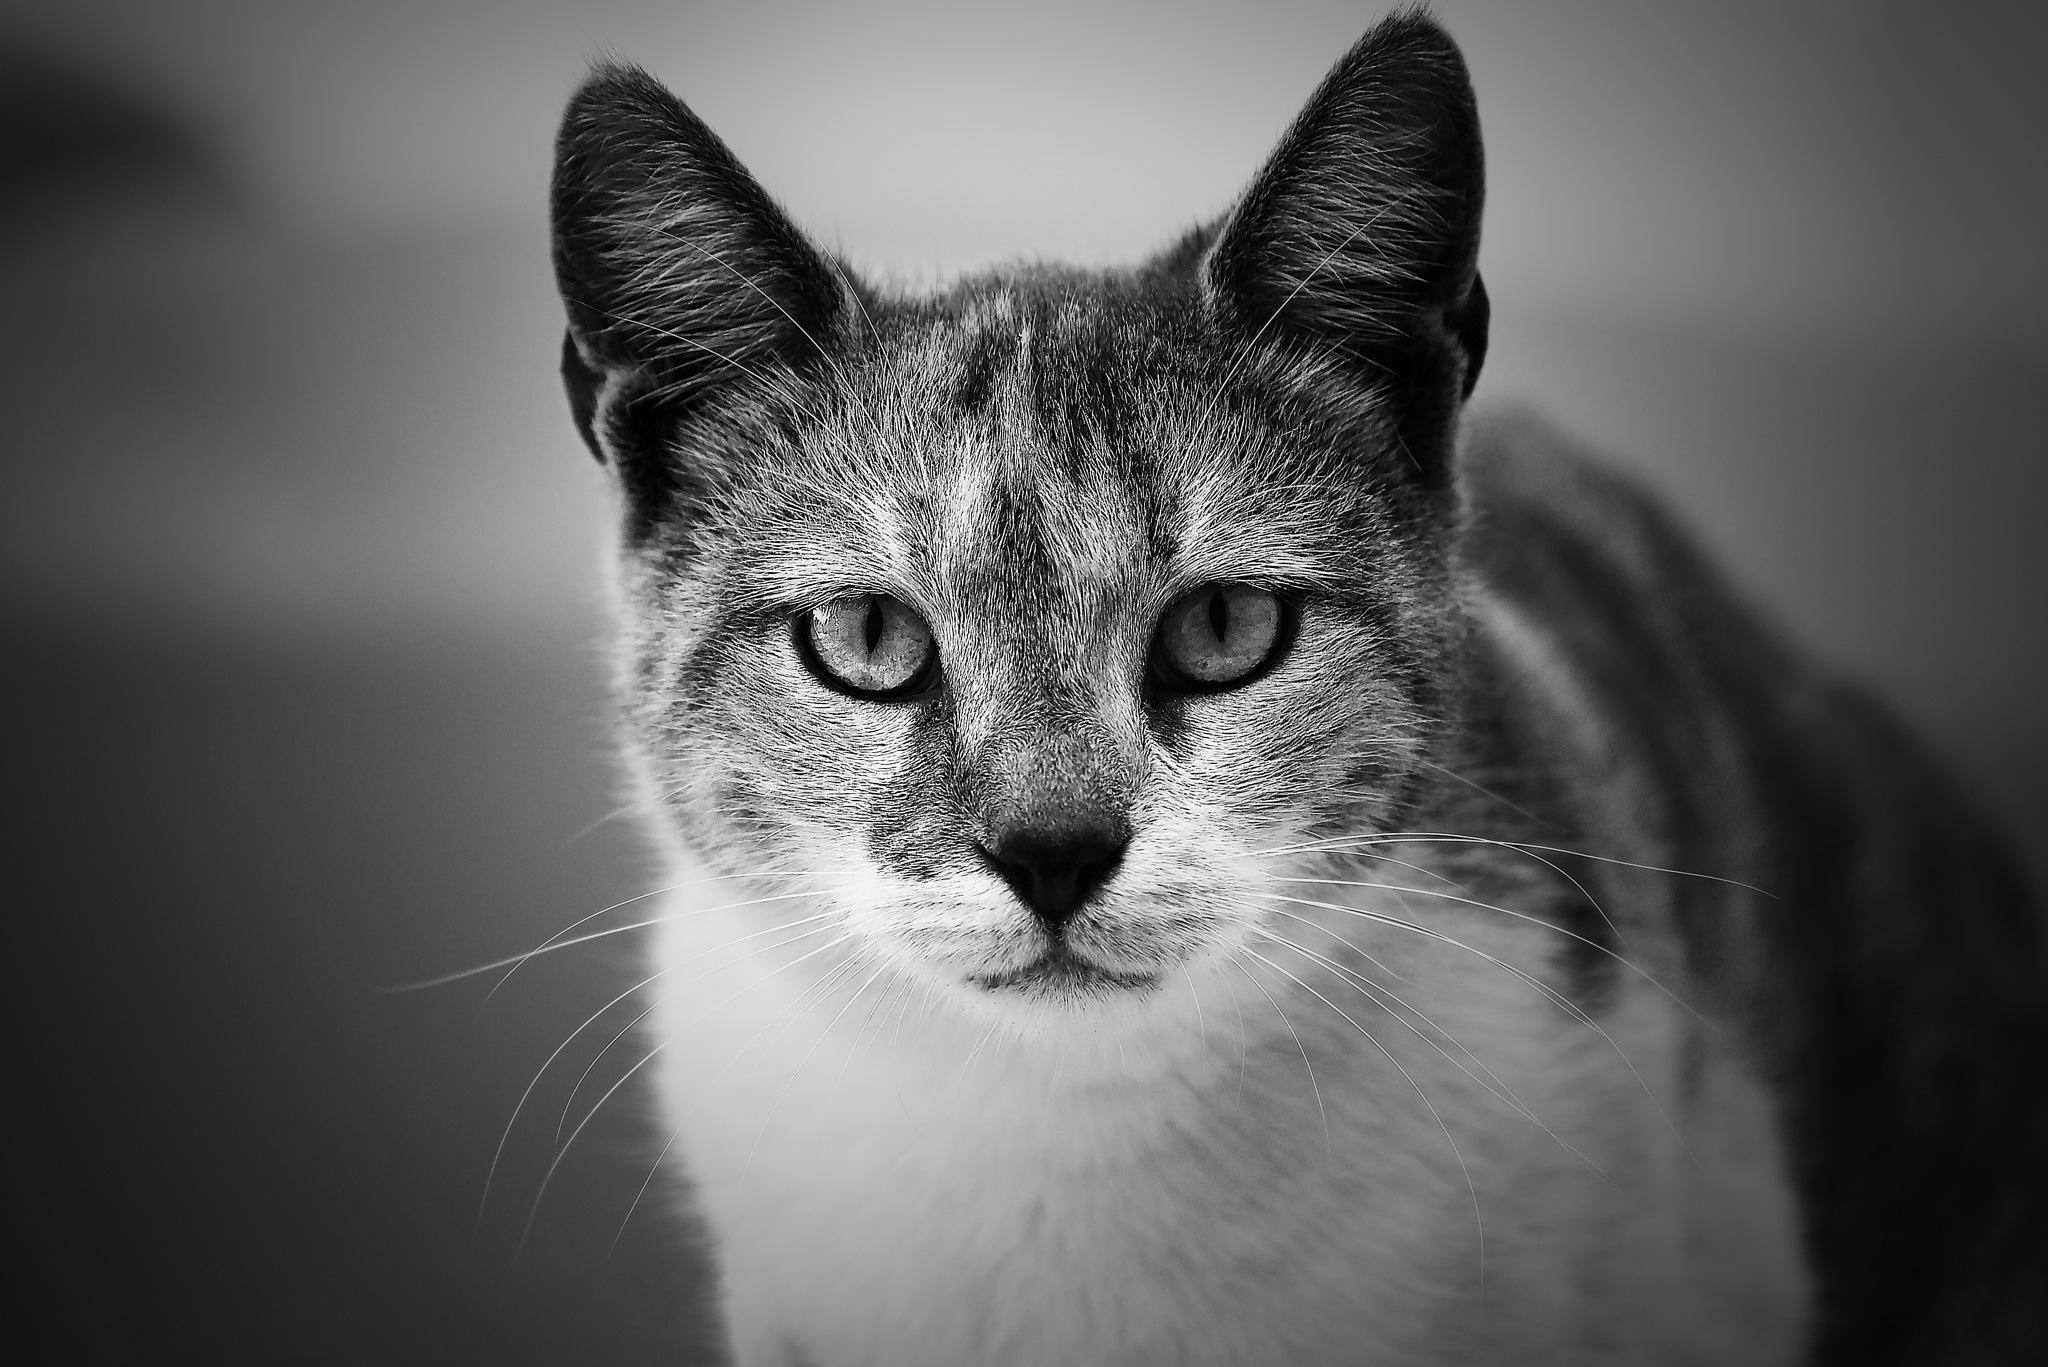 Cat in B&W by Moshe Harosh